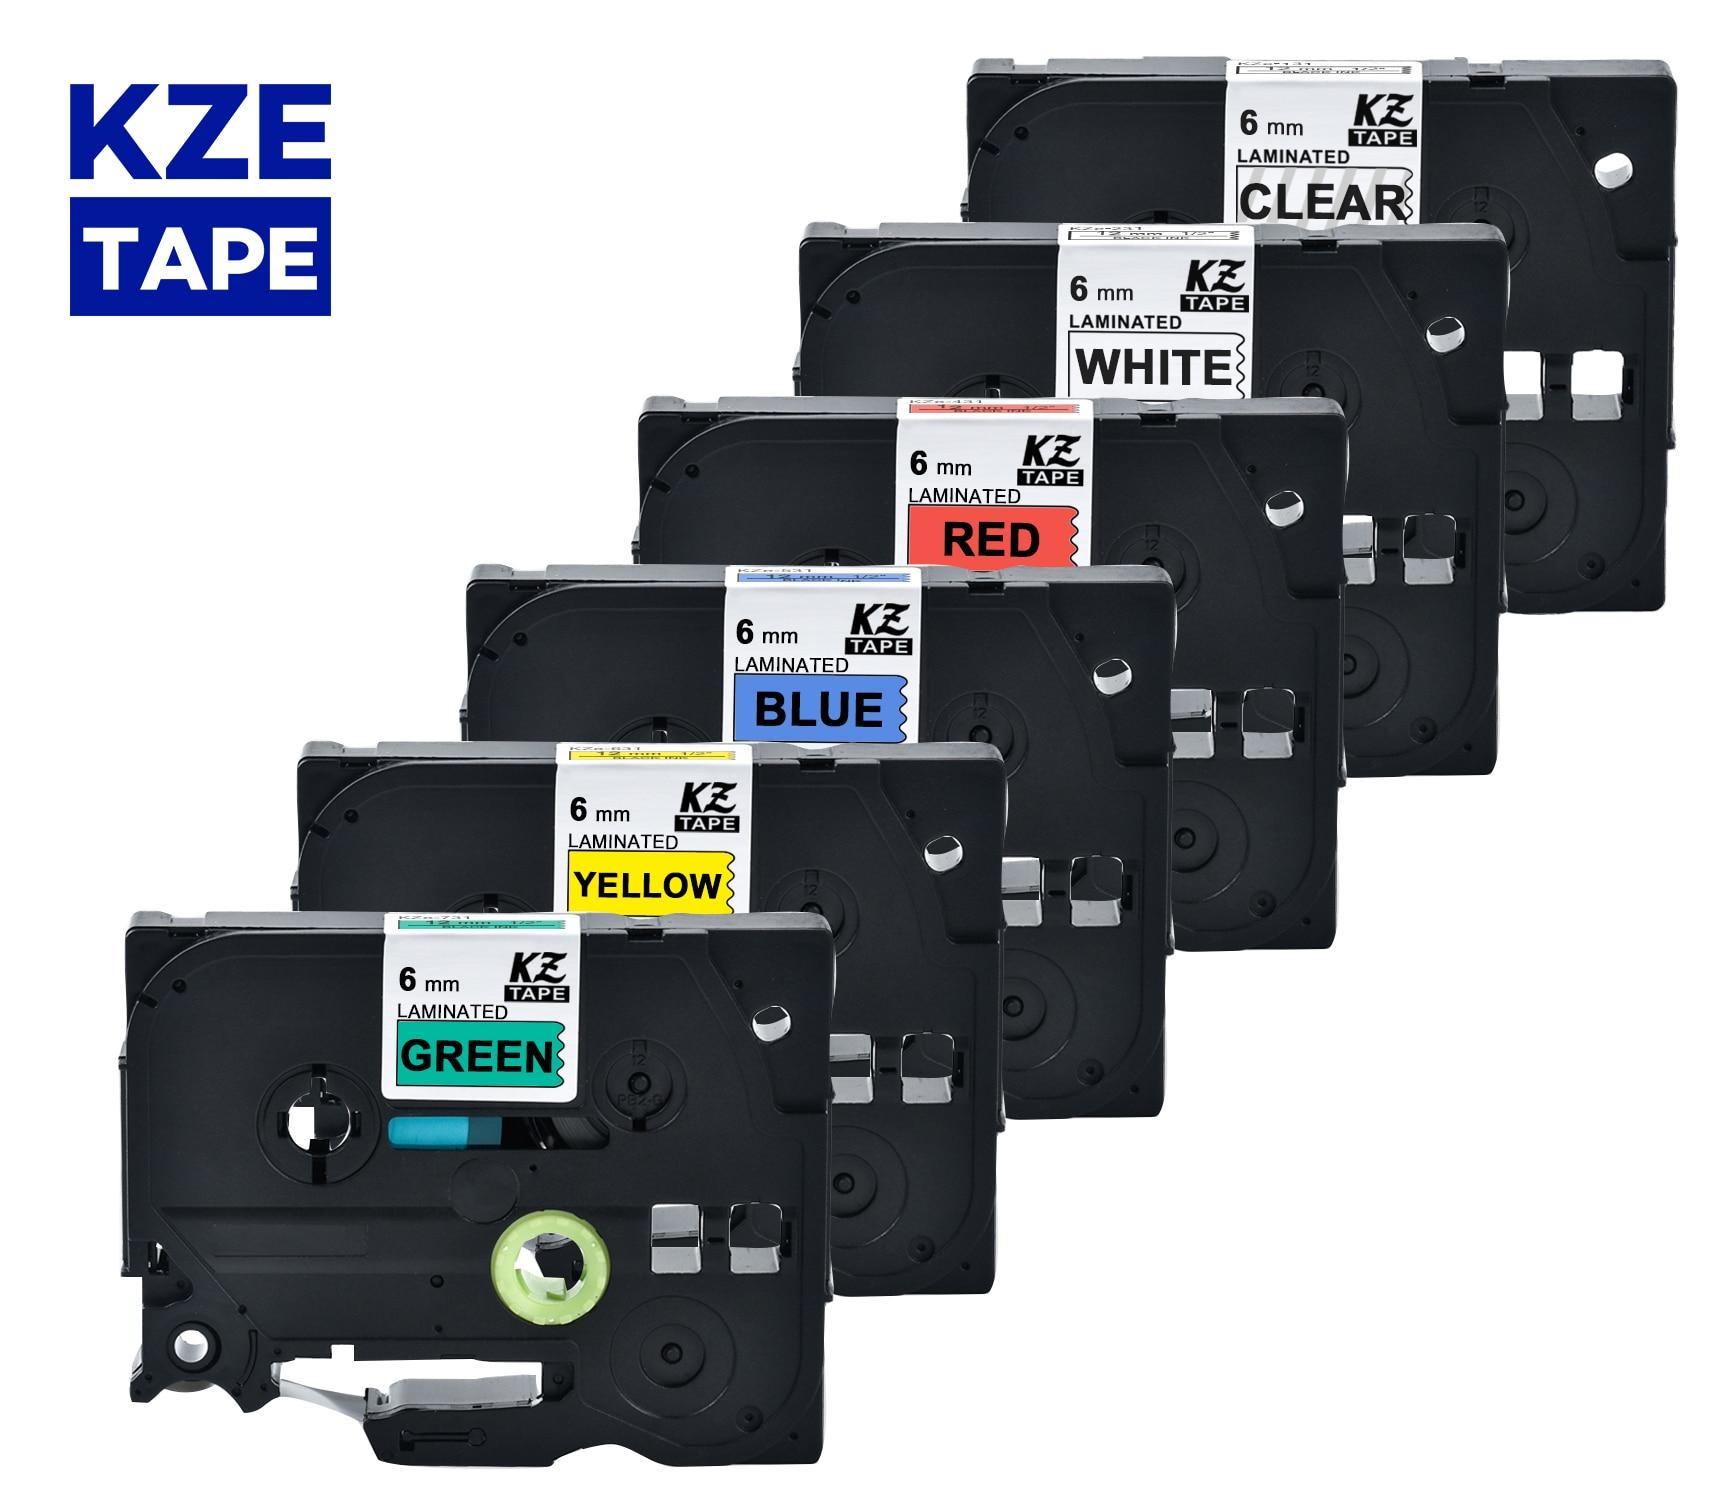 Fita laminada multicolorido da etiqueta da fita da etiqueta de 6mm fita tze para impressoras do irmão p-touch como Tze-211 tze-211 tze 211 tz 211 tz411